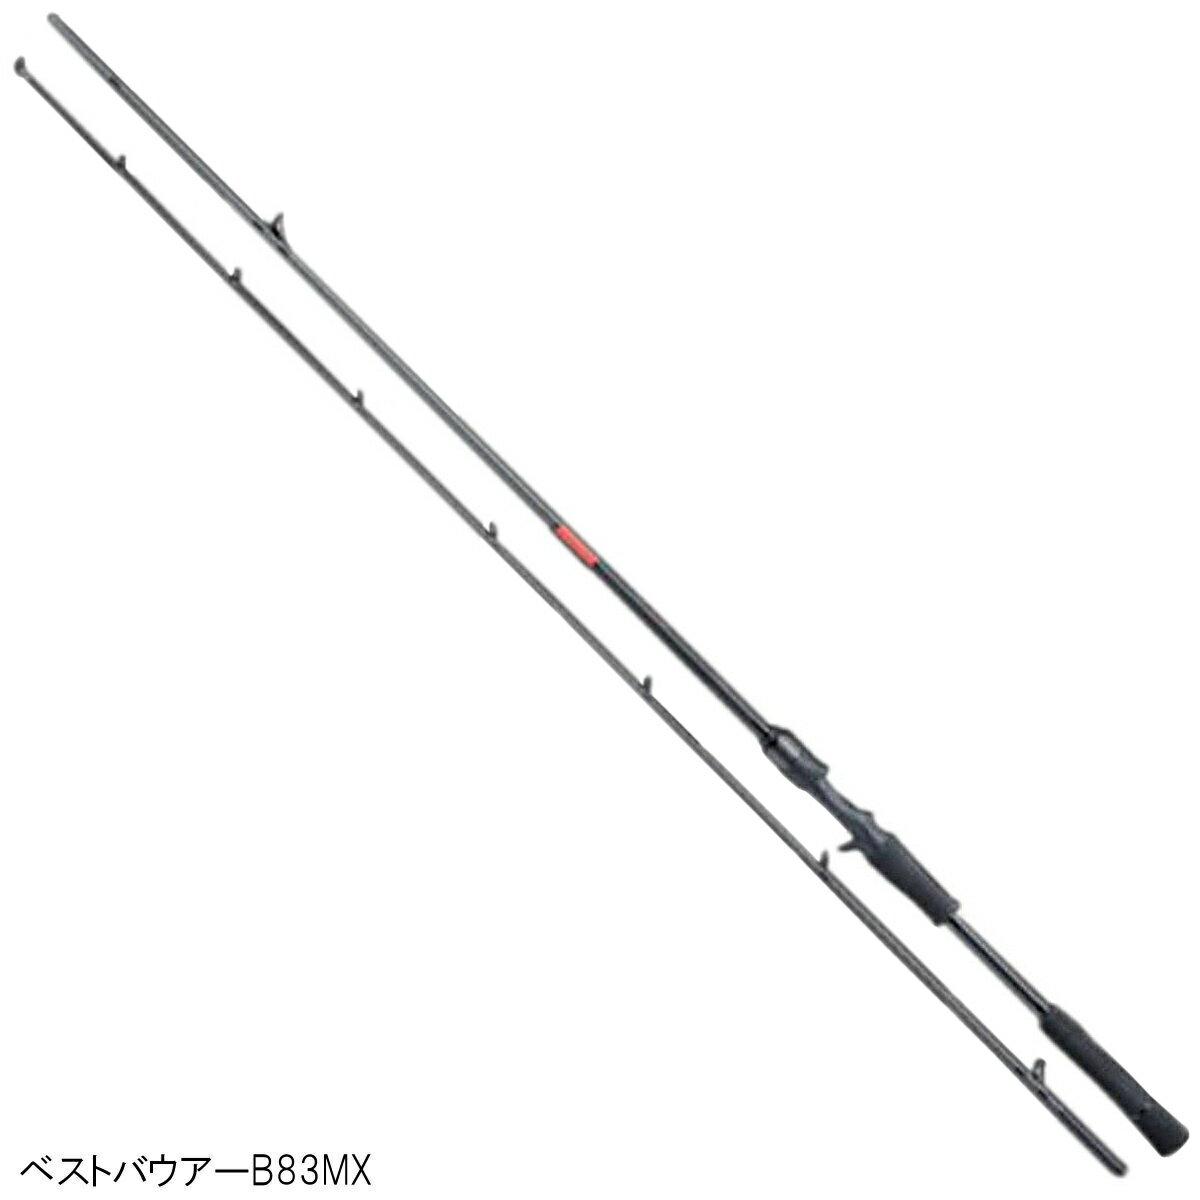 アピア Foojin'R ベストバウアー B83MX【送料無料】